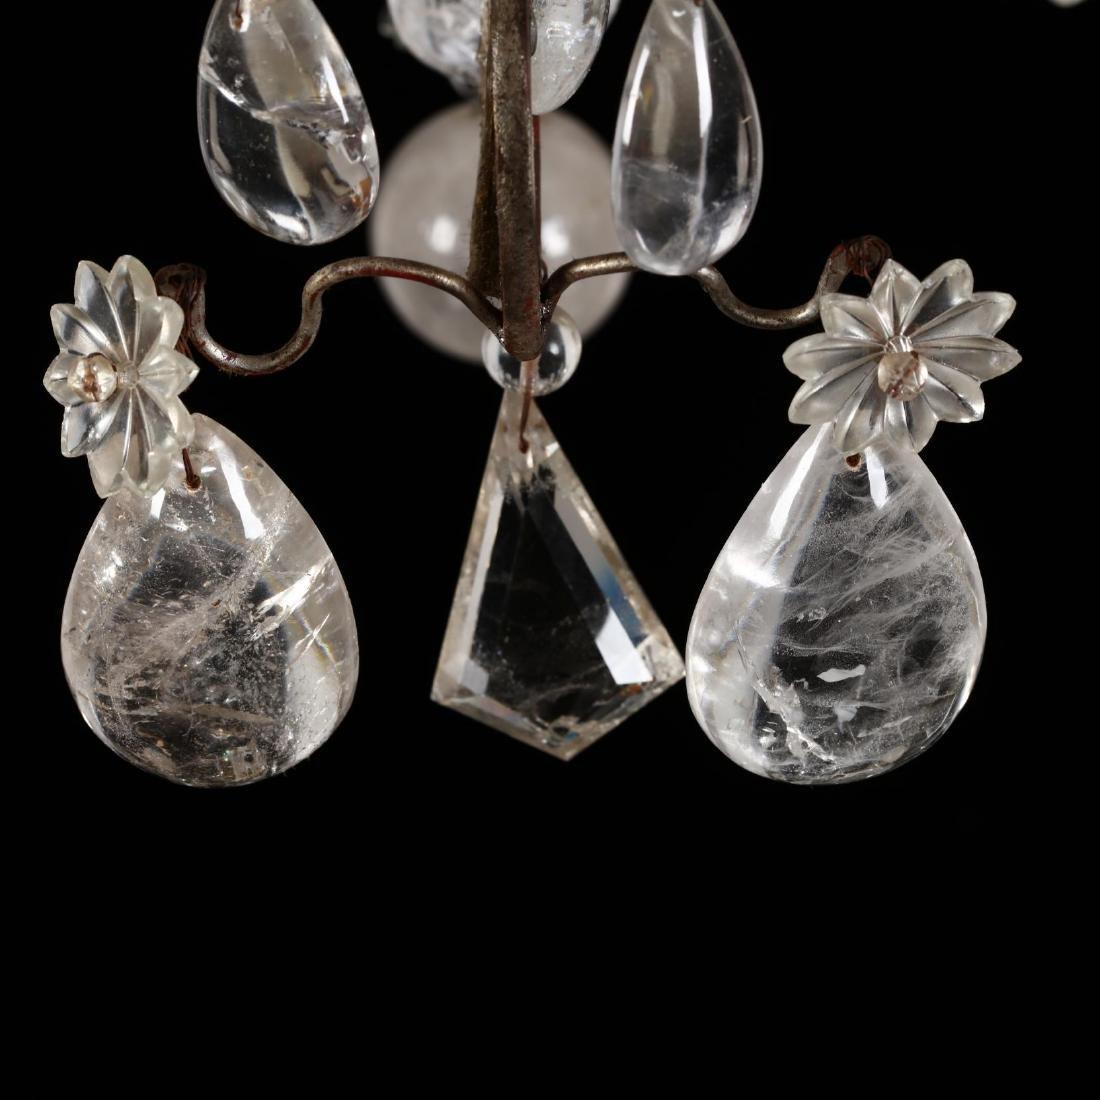 A Vintage Italian Rock Crystal Drop Prism Chandelier - 3